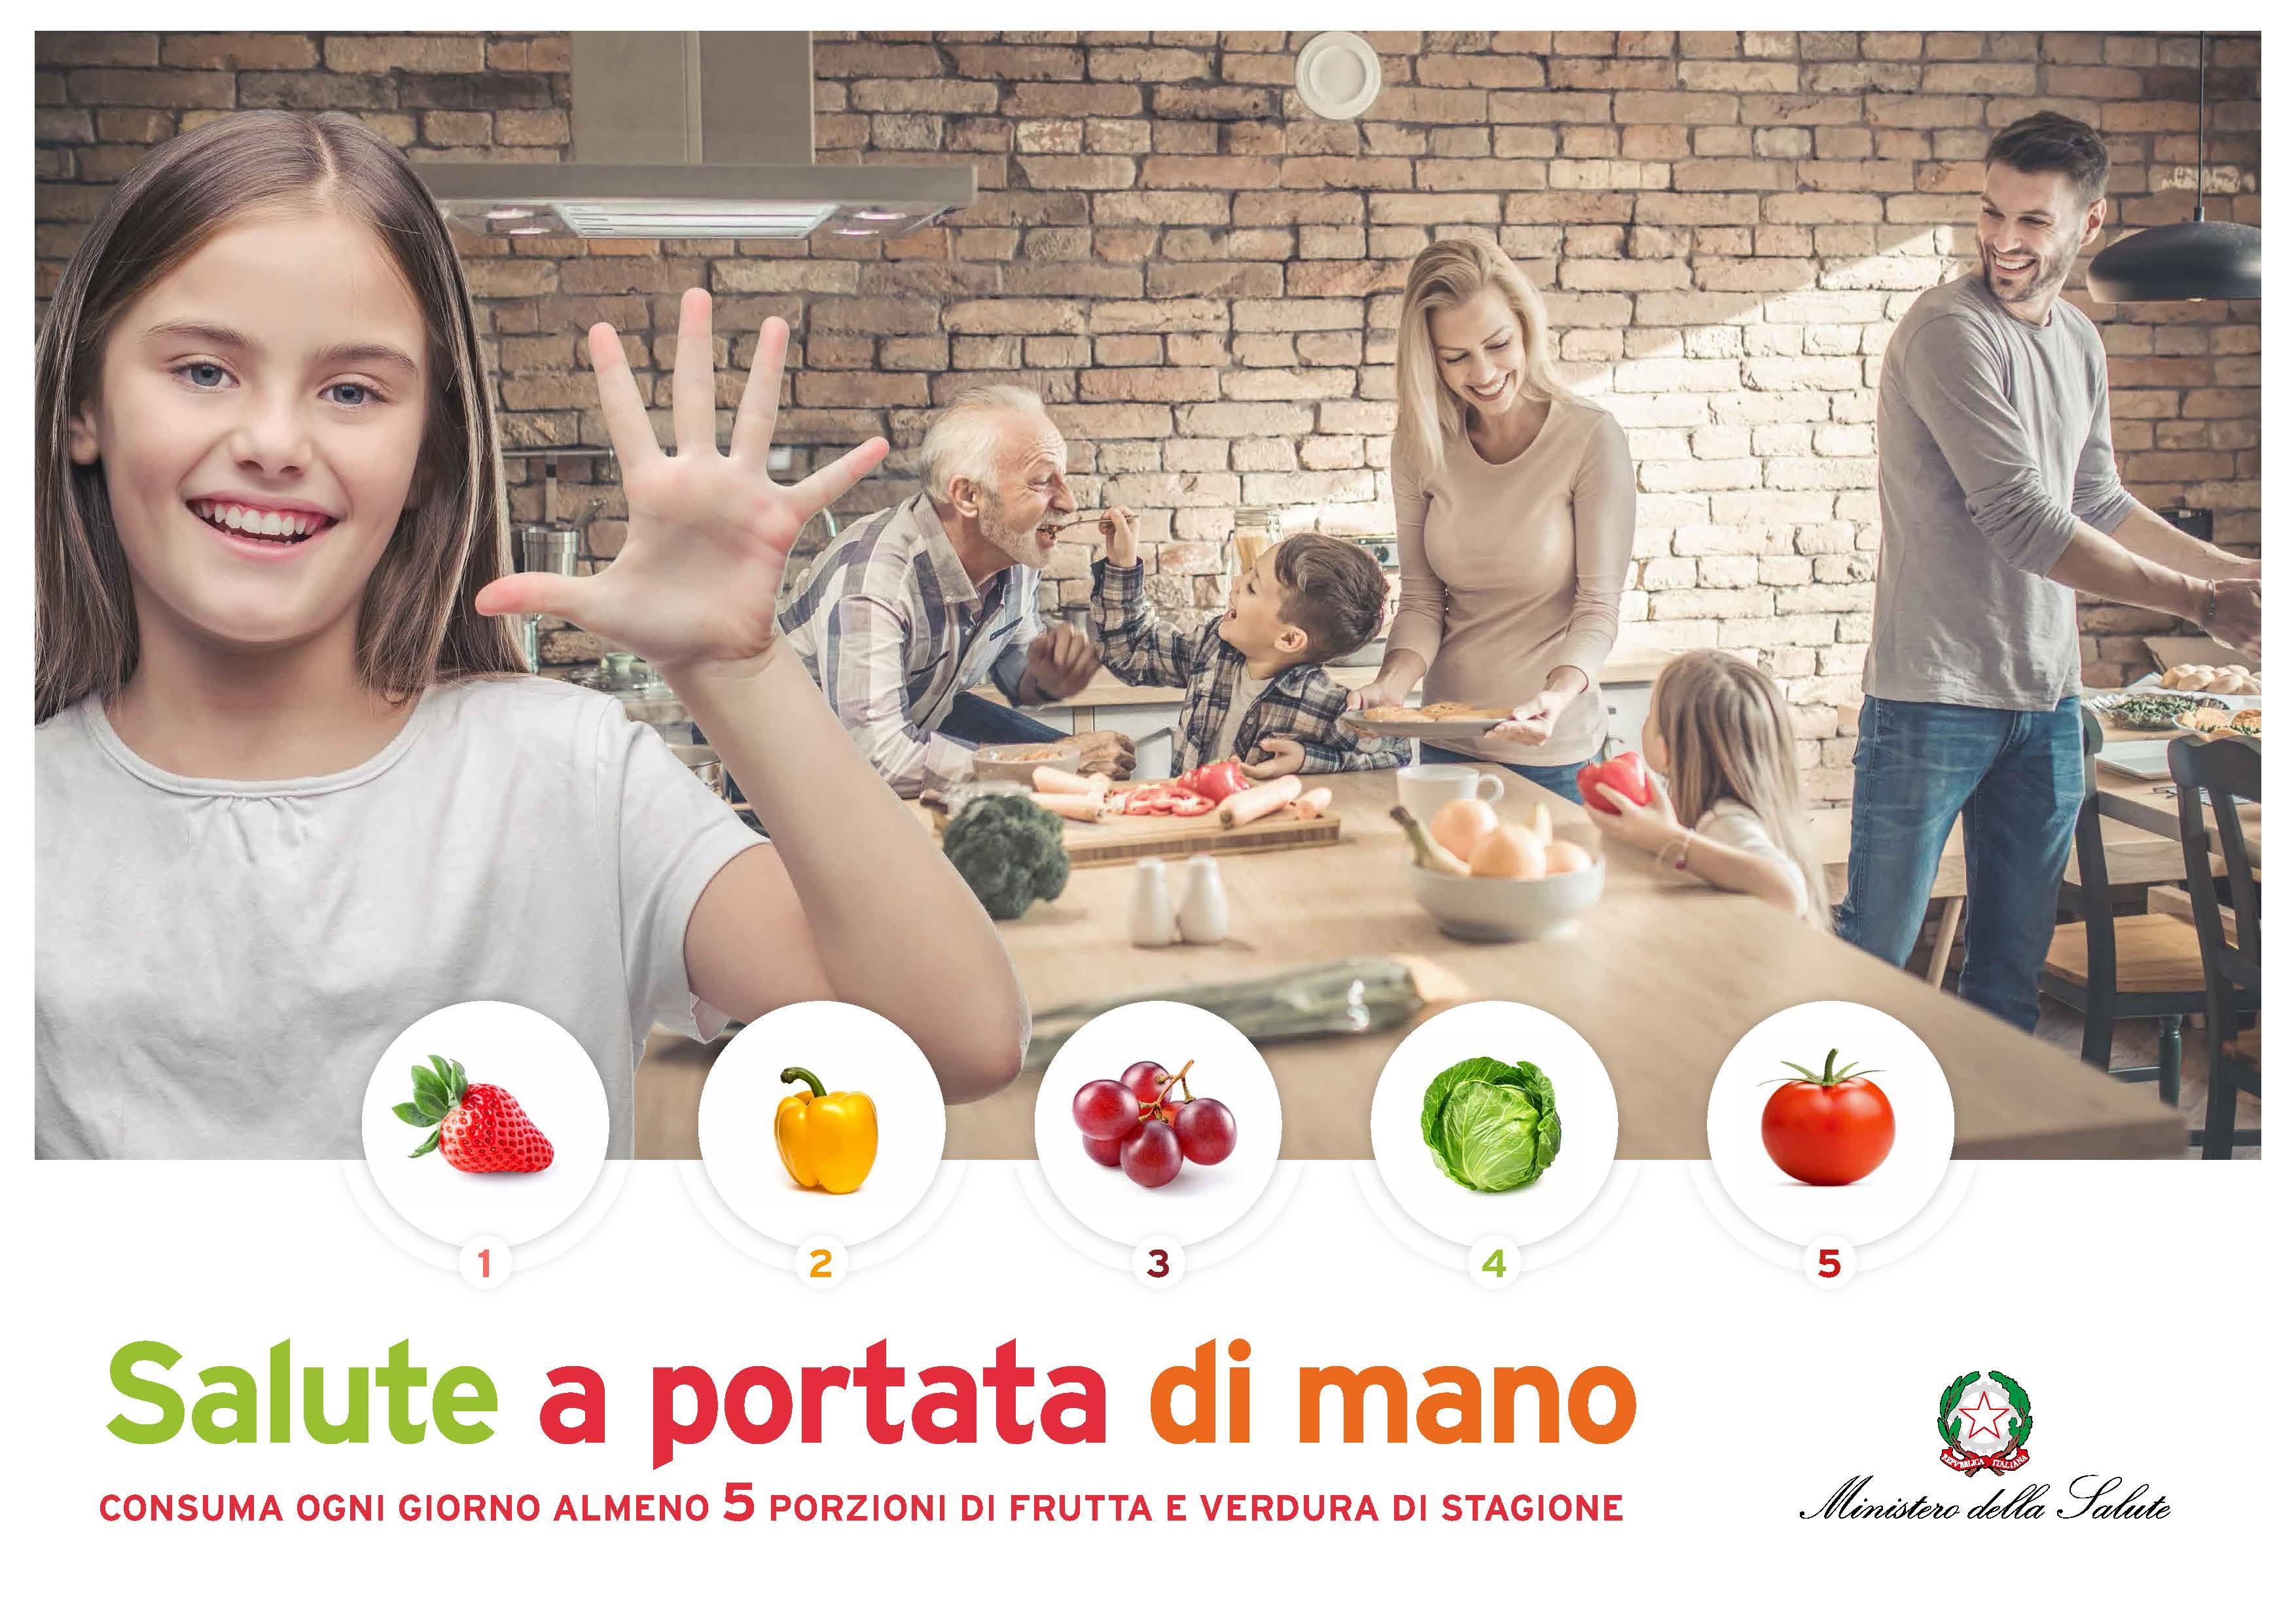 Salute a portata di mano. Una bambina fa il segno cinque con la mano per indicare il numero di porzioni di frutta e verdura da consumare giornalmente.